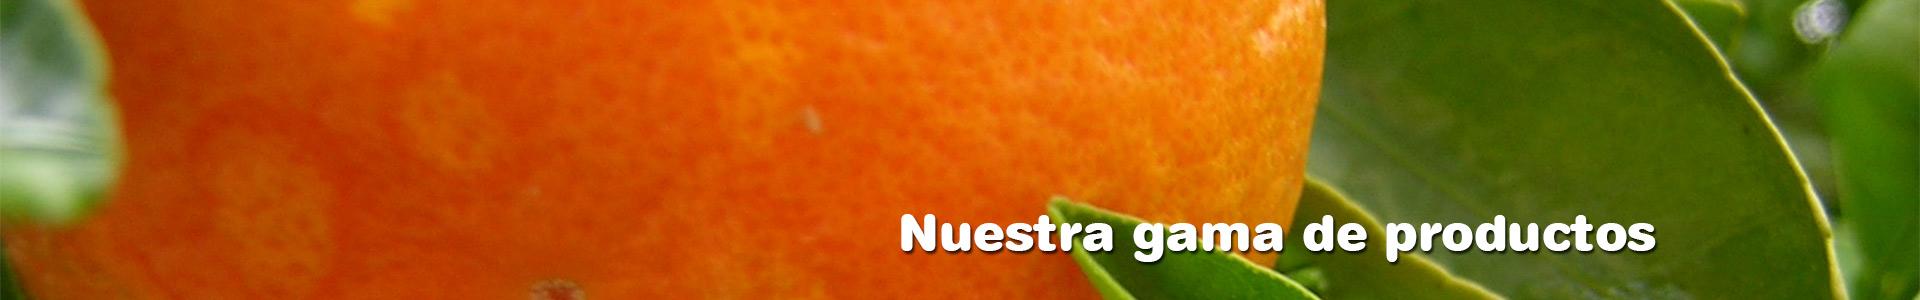 Exprimidores de naranjas